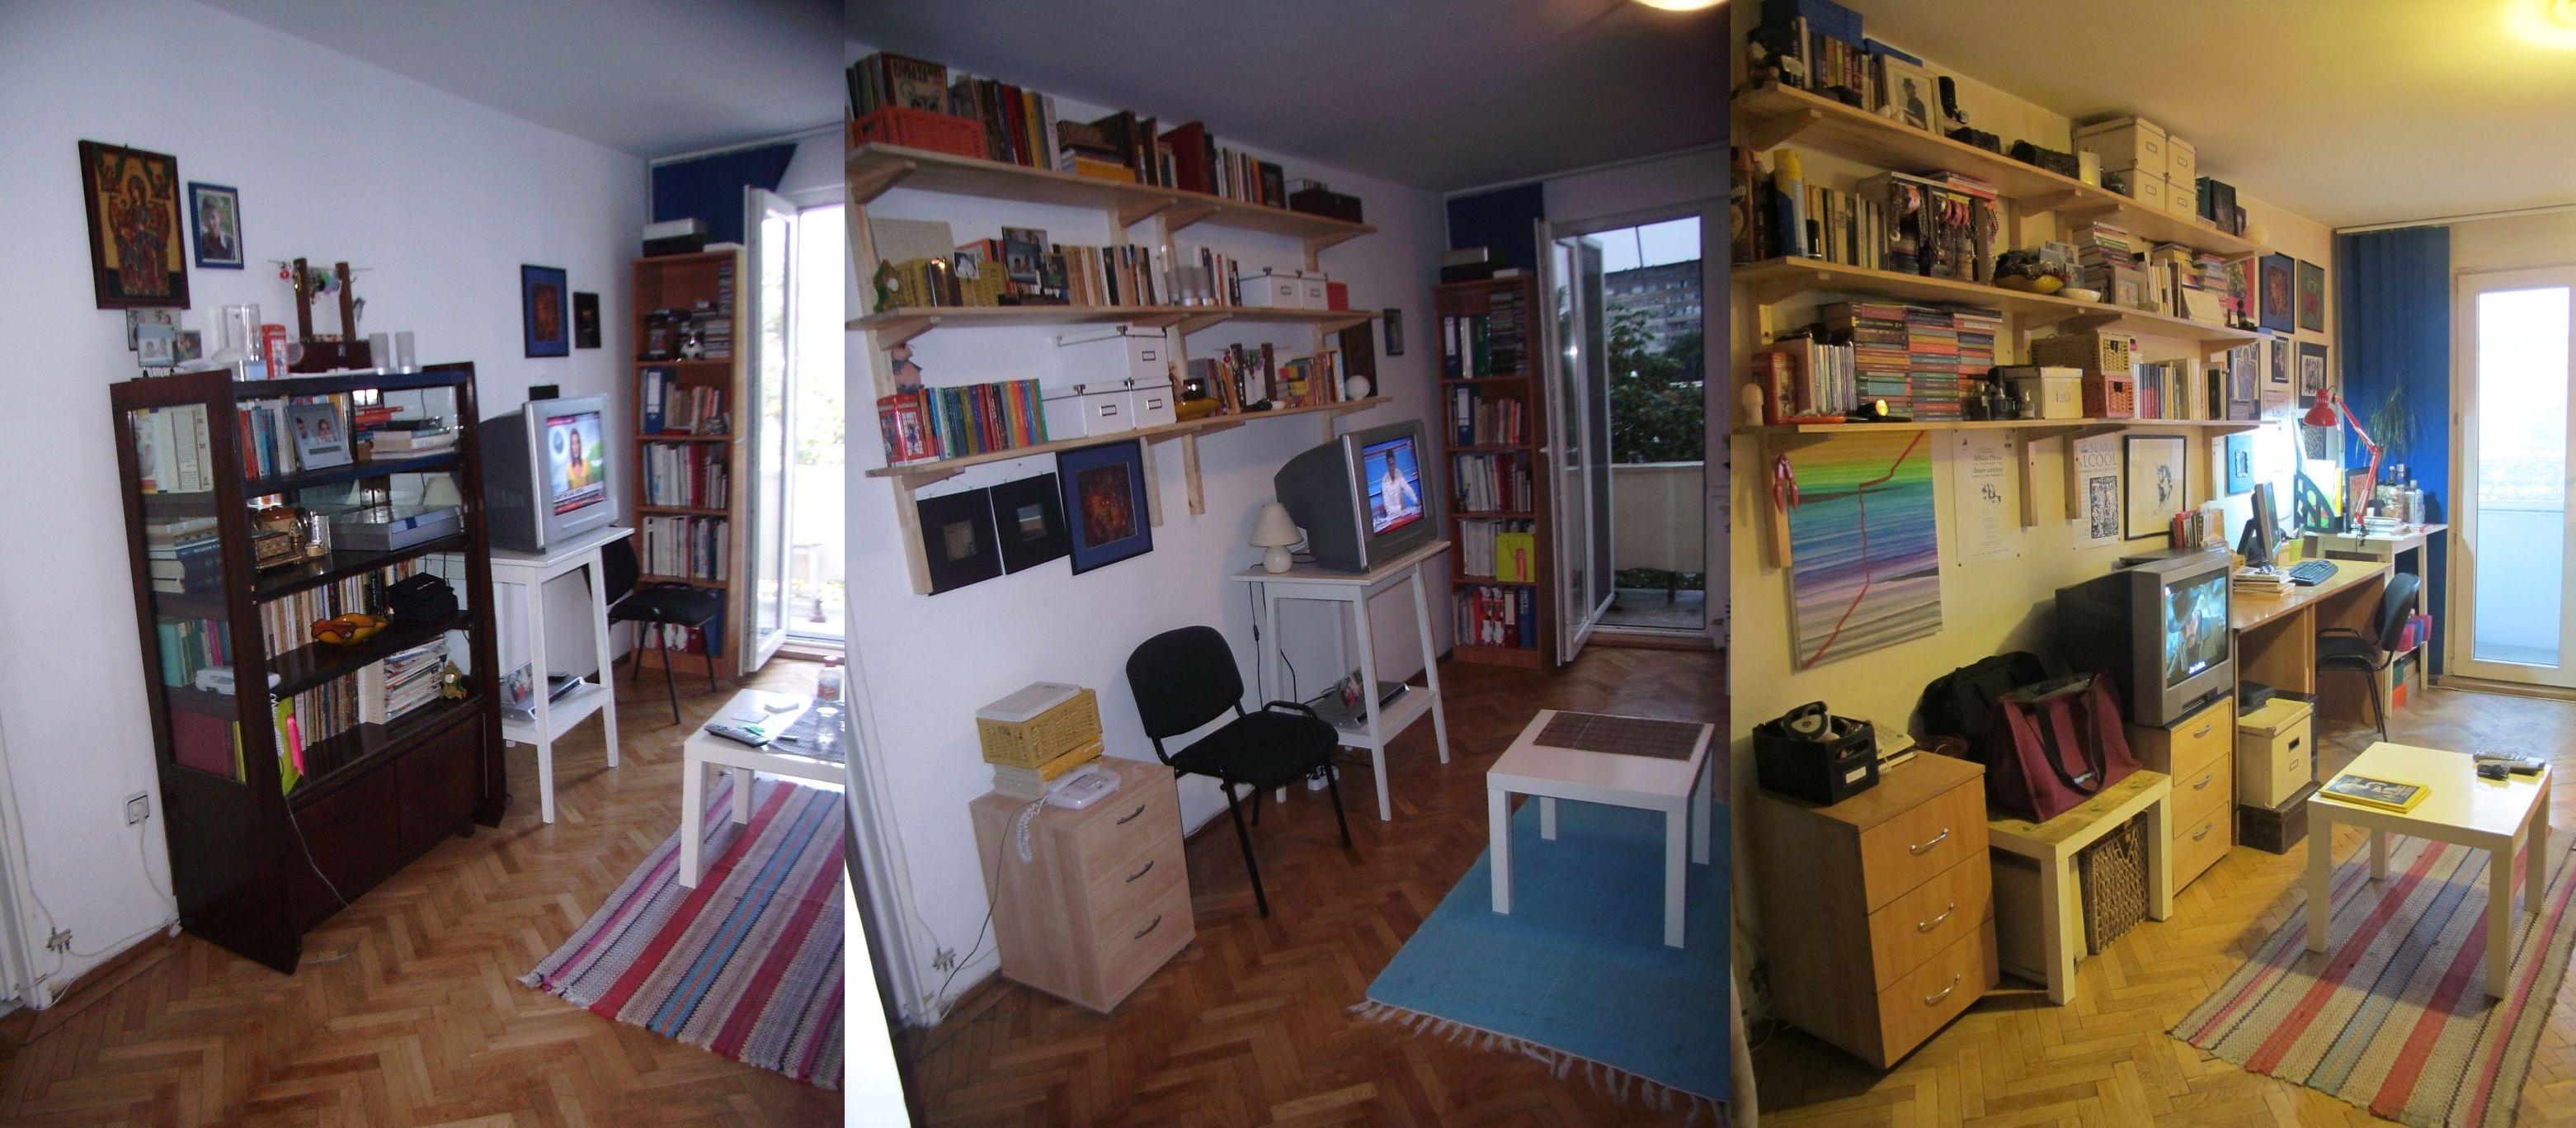 Etape in crearea locului de birou si aranajarea bibliotecii. A durat vreun an de zile pana sa se ajunga la forma finala. pana la urma daca nu le poti avea pe toate deodata nu e nicio disperare